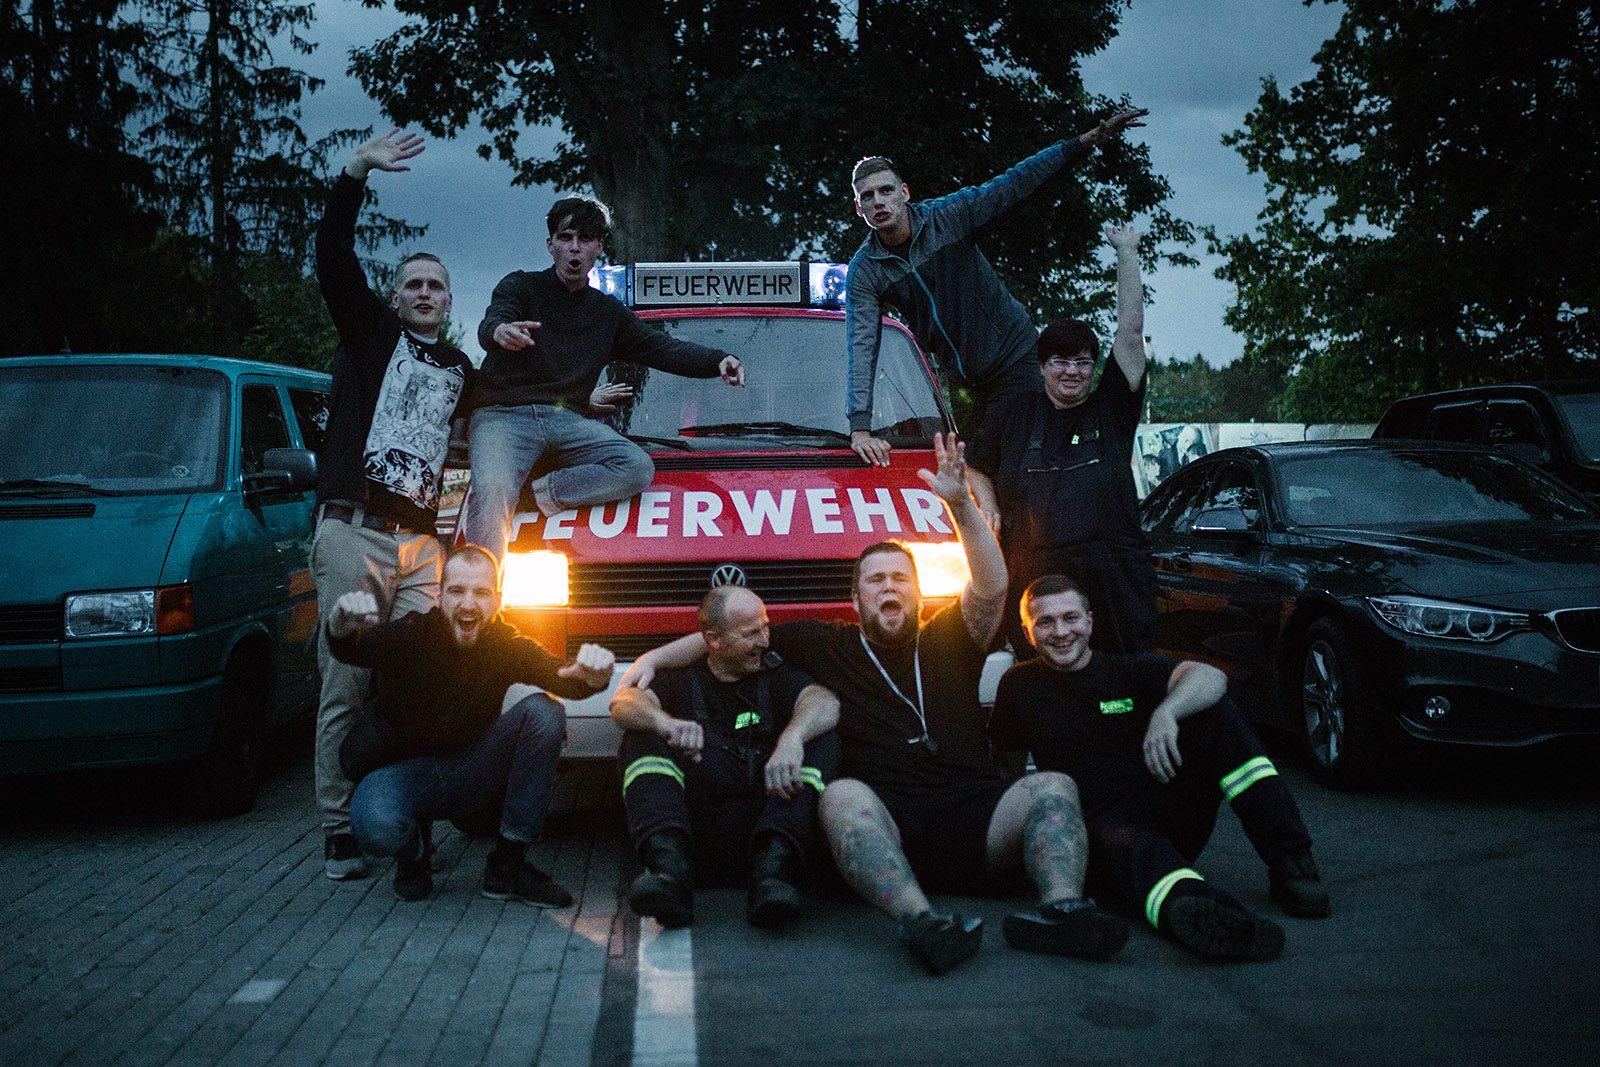 Freiwillige Feuerwehr Jarmen